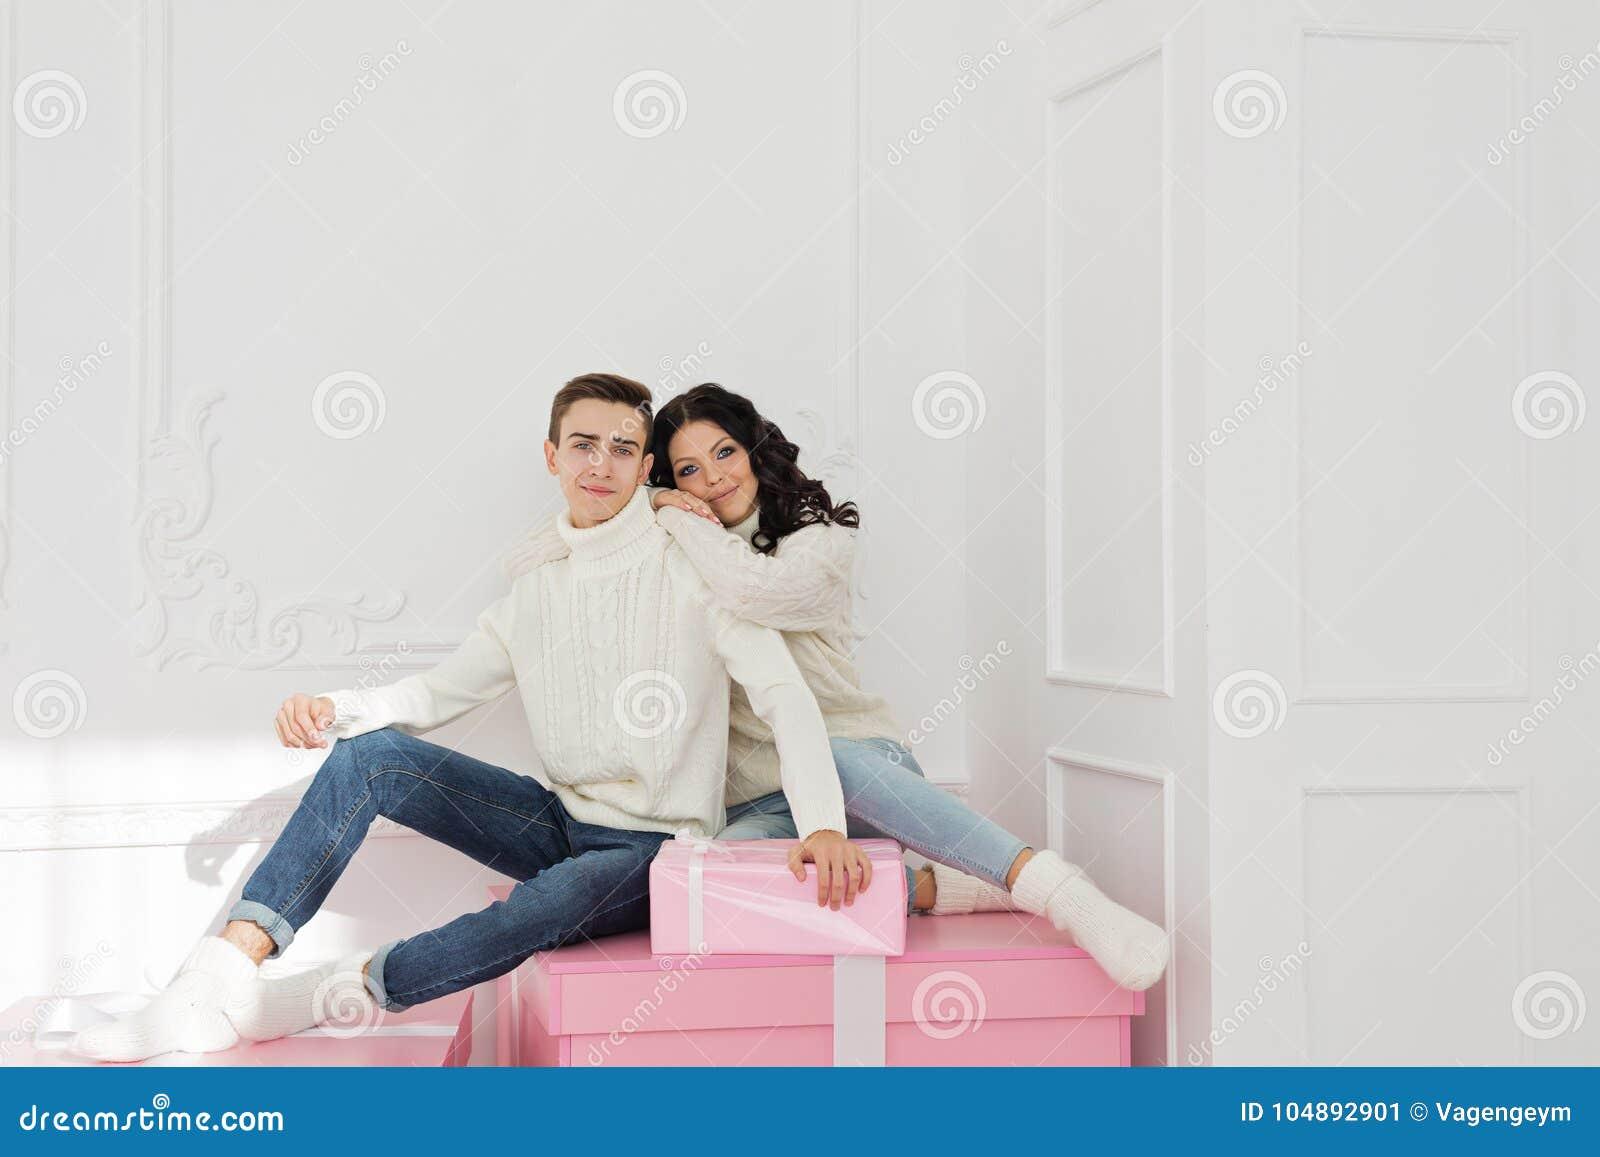 Liebevolle Paare Des Teenagers Und Der Geschenke Stockbild - Bild ...